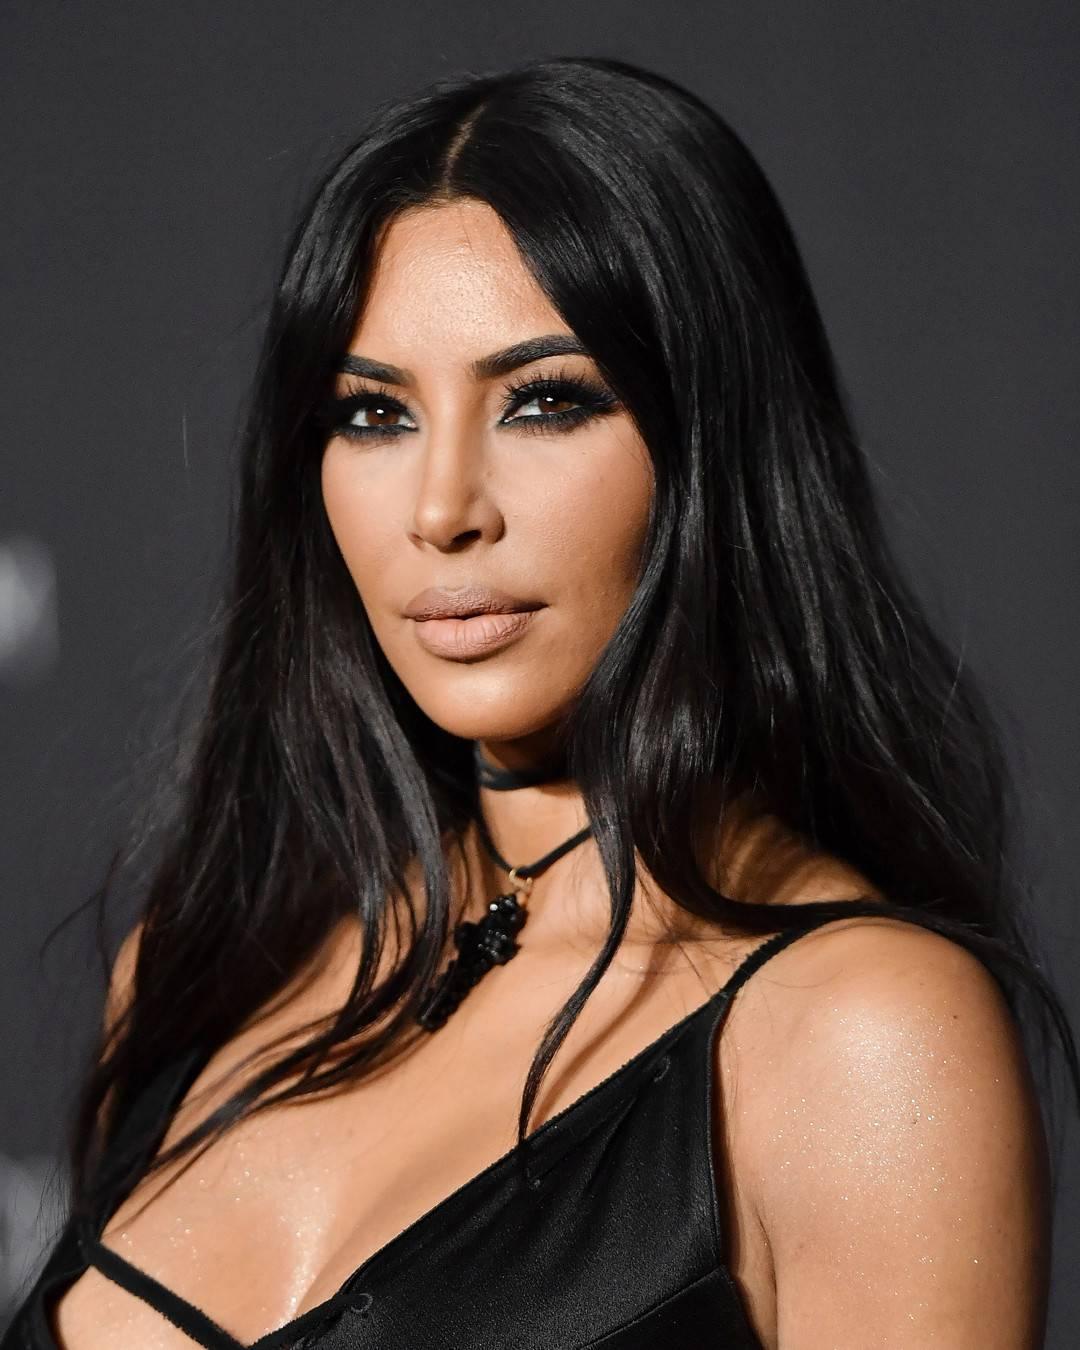 Kjo sëmundje i është përhapur edhe në fytyrë Kim Kardashianit, duket e tmerrshme